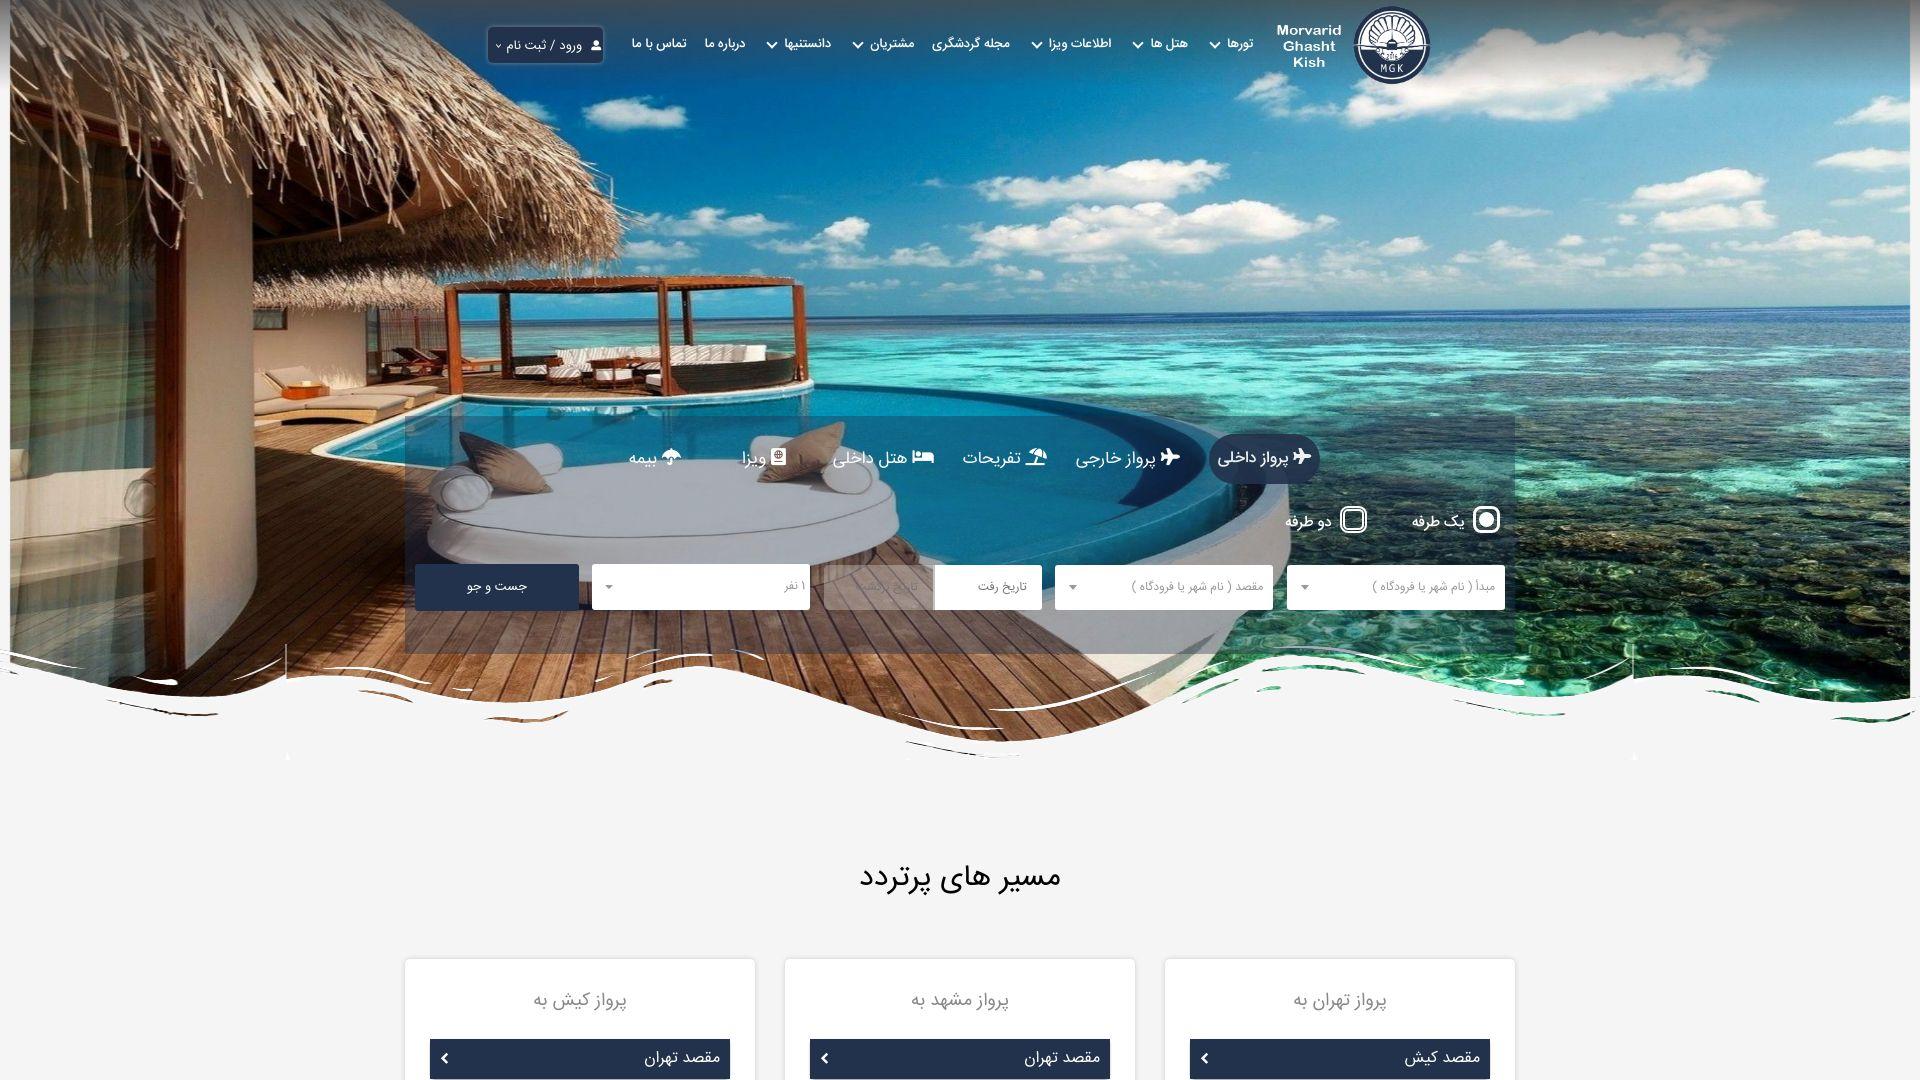 طراحی سیستم - طراحی سایت آژانس مسافرتی مروارید گشت کیش